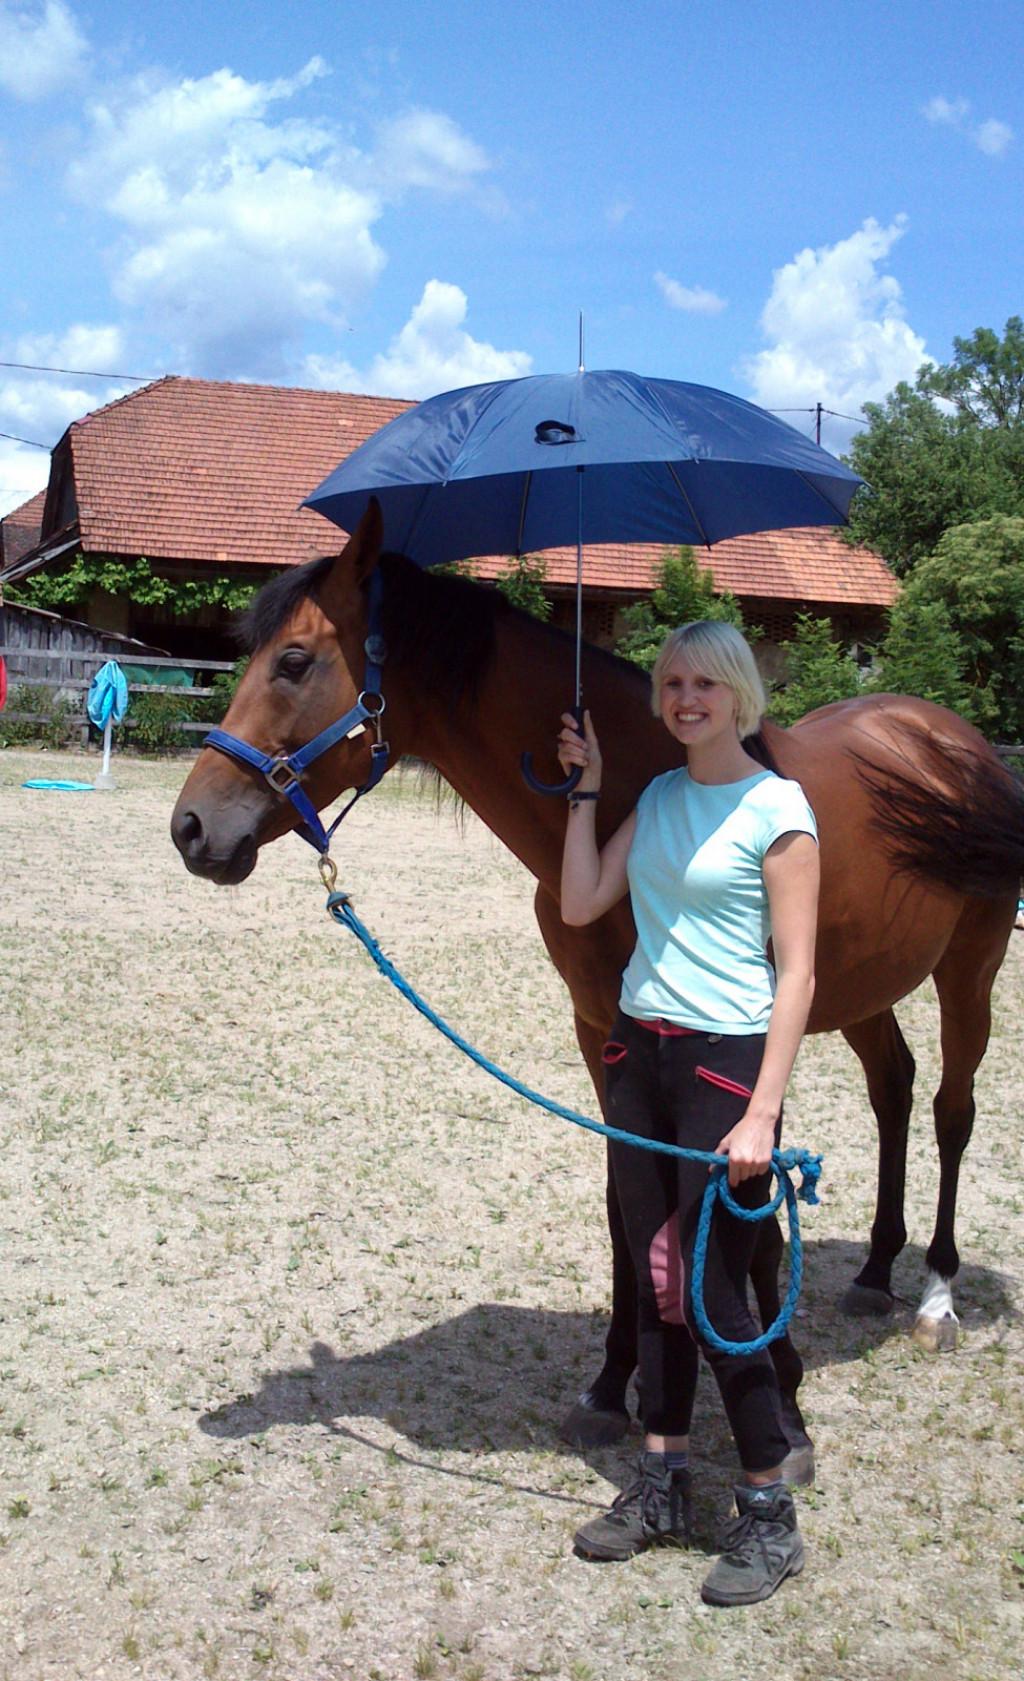 Naj bo učenje zanimivo! Mladega konja lahko postopoma, predvsem pa nežno navajamo na nove stvari.